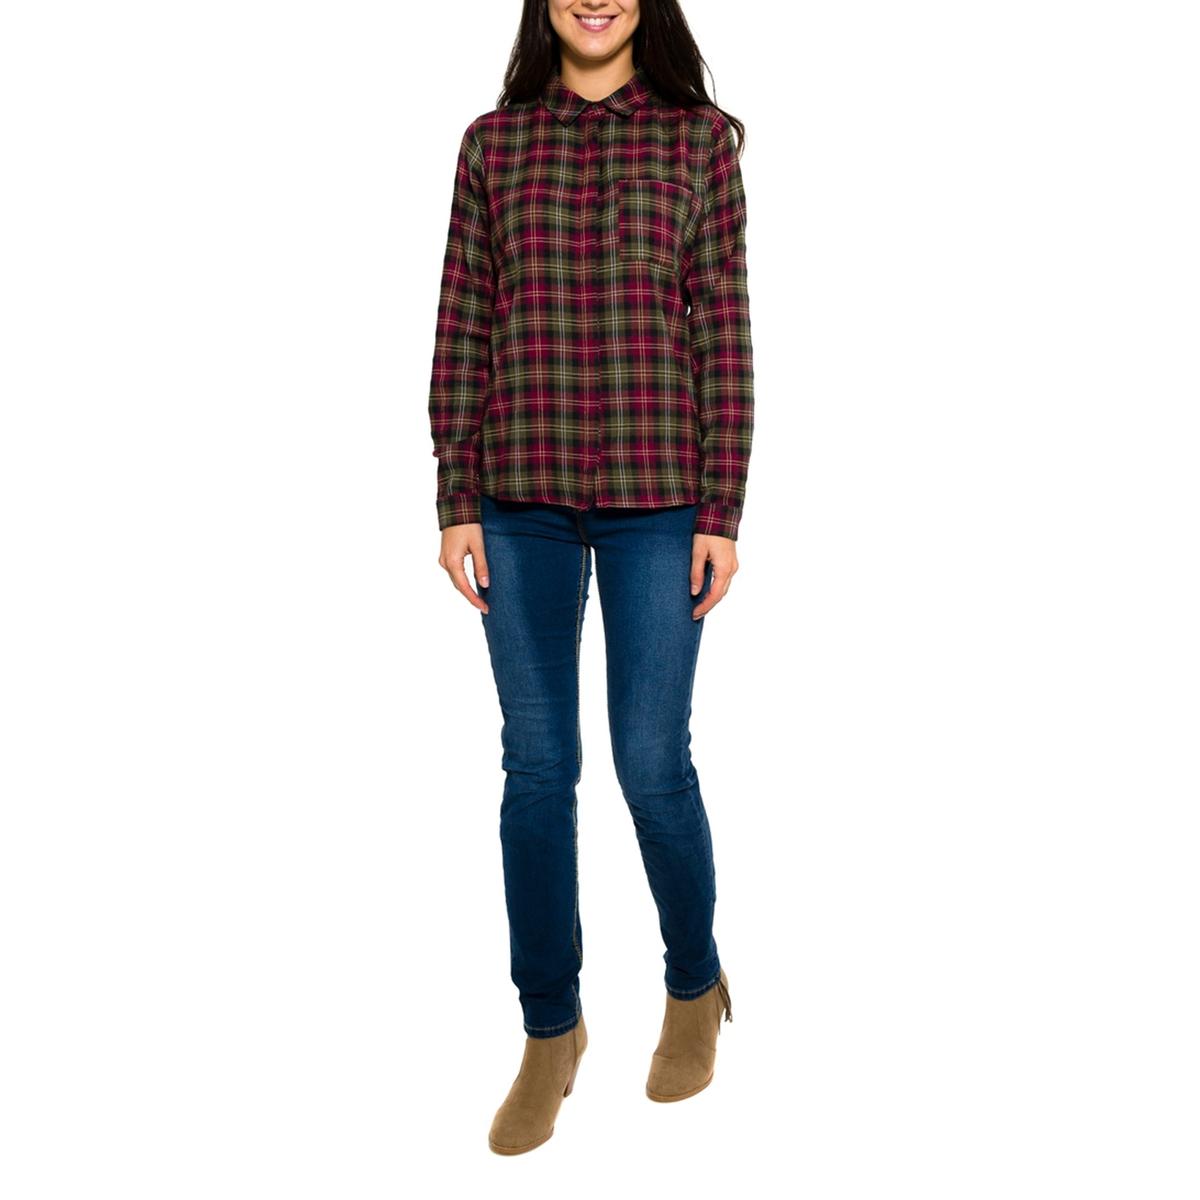 Рубашка с рисунком с длинными рукавамиСостав и описание     Материал: 100% хлопок     Марка: PARAMITA<br><br>Цвет: в клетку зеленый/красный<br>Размер: XL